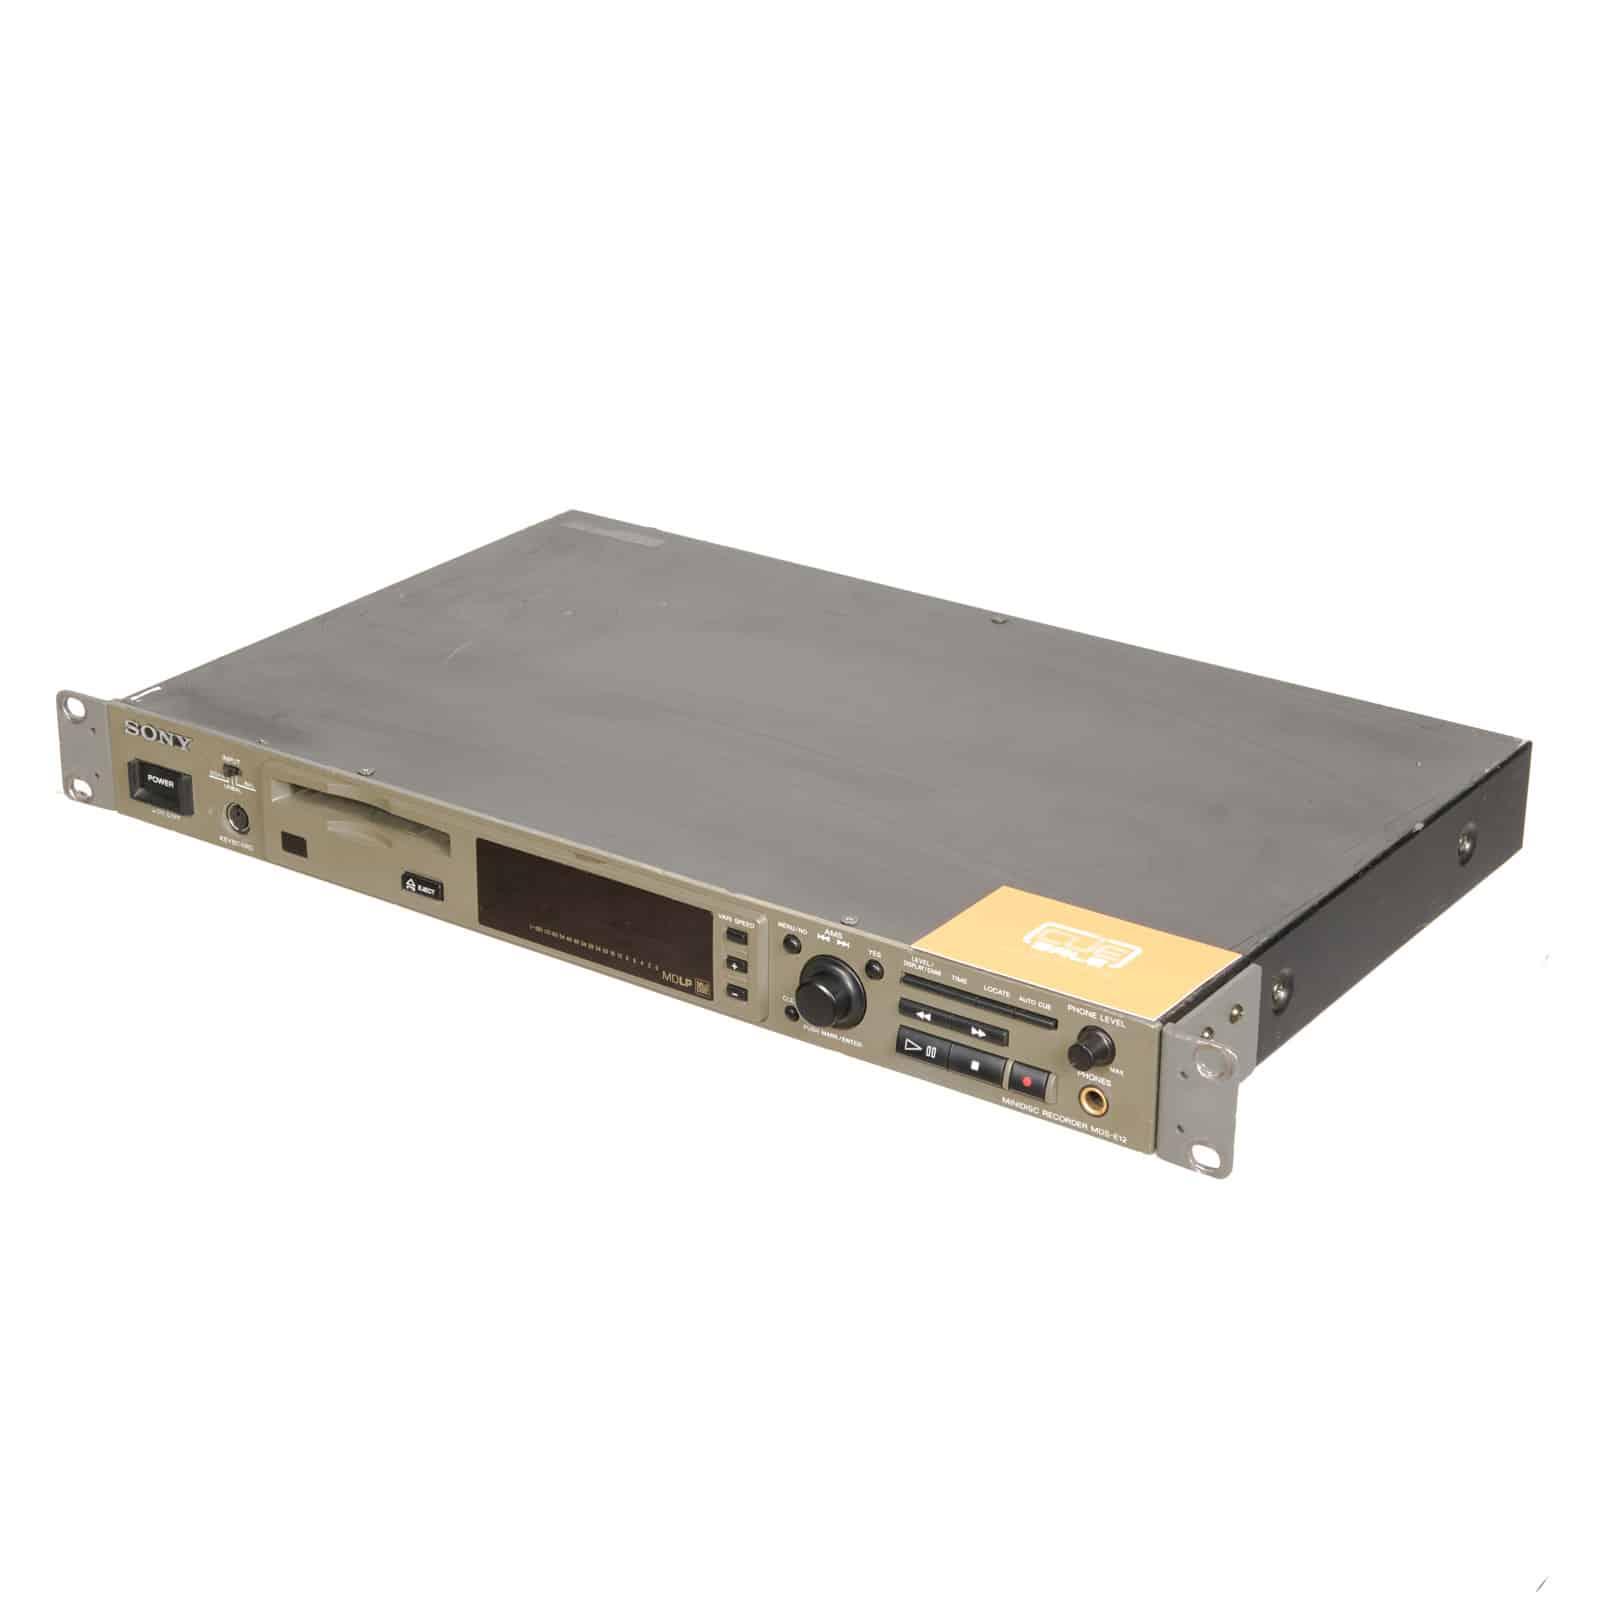 Sony MDS-E12 MiniDisc Recorder